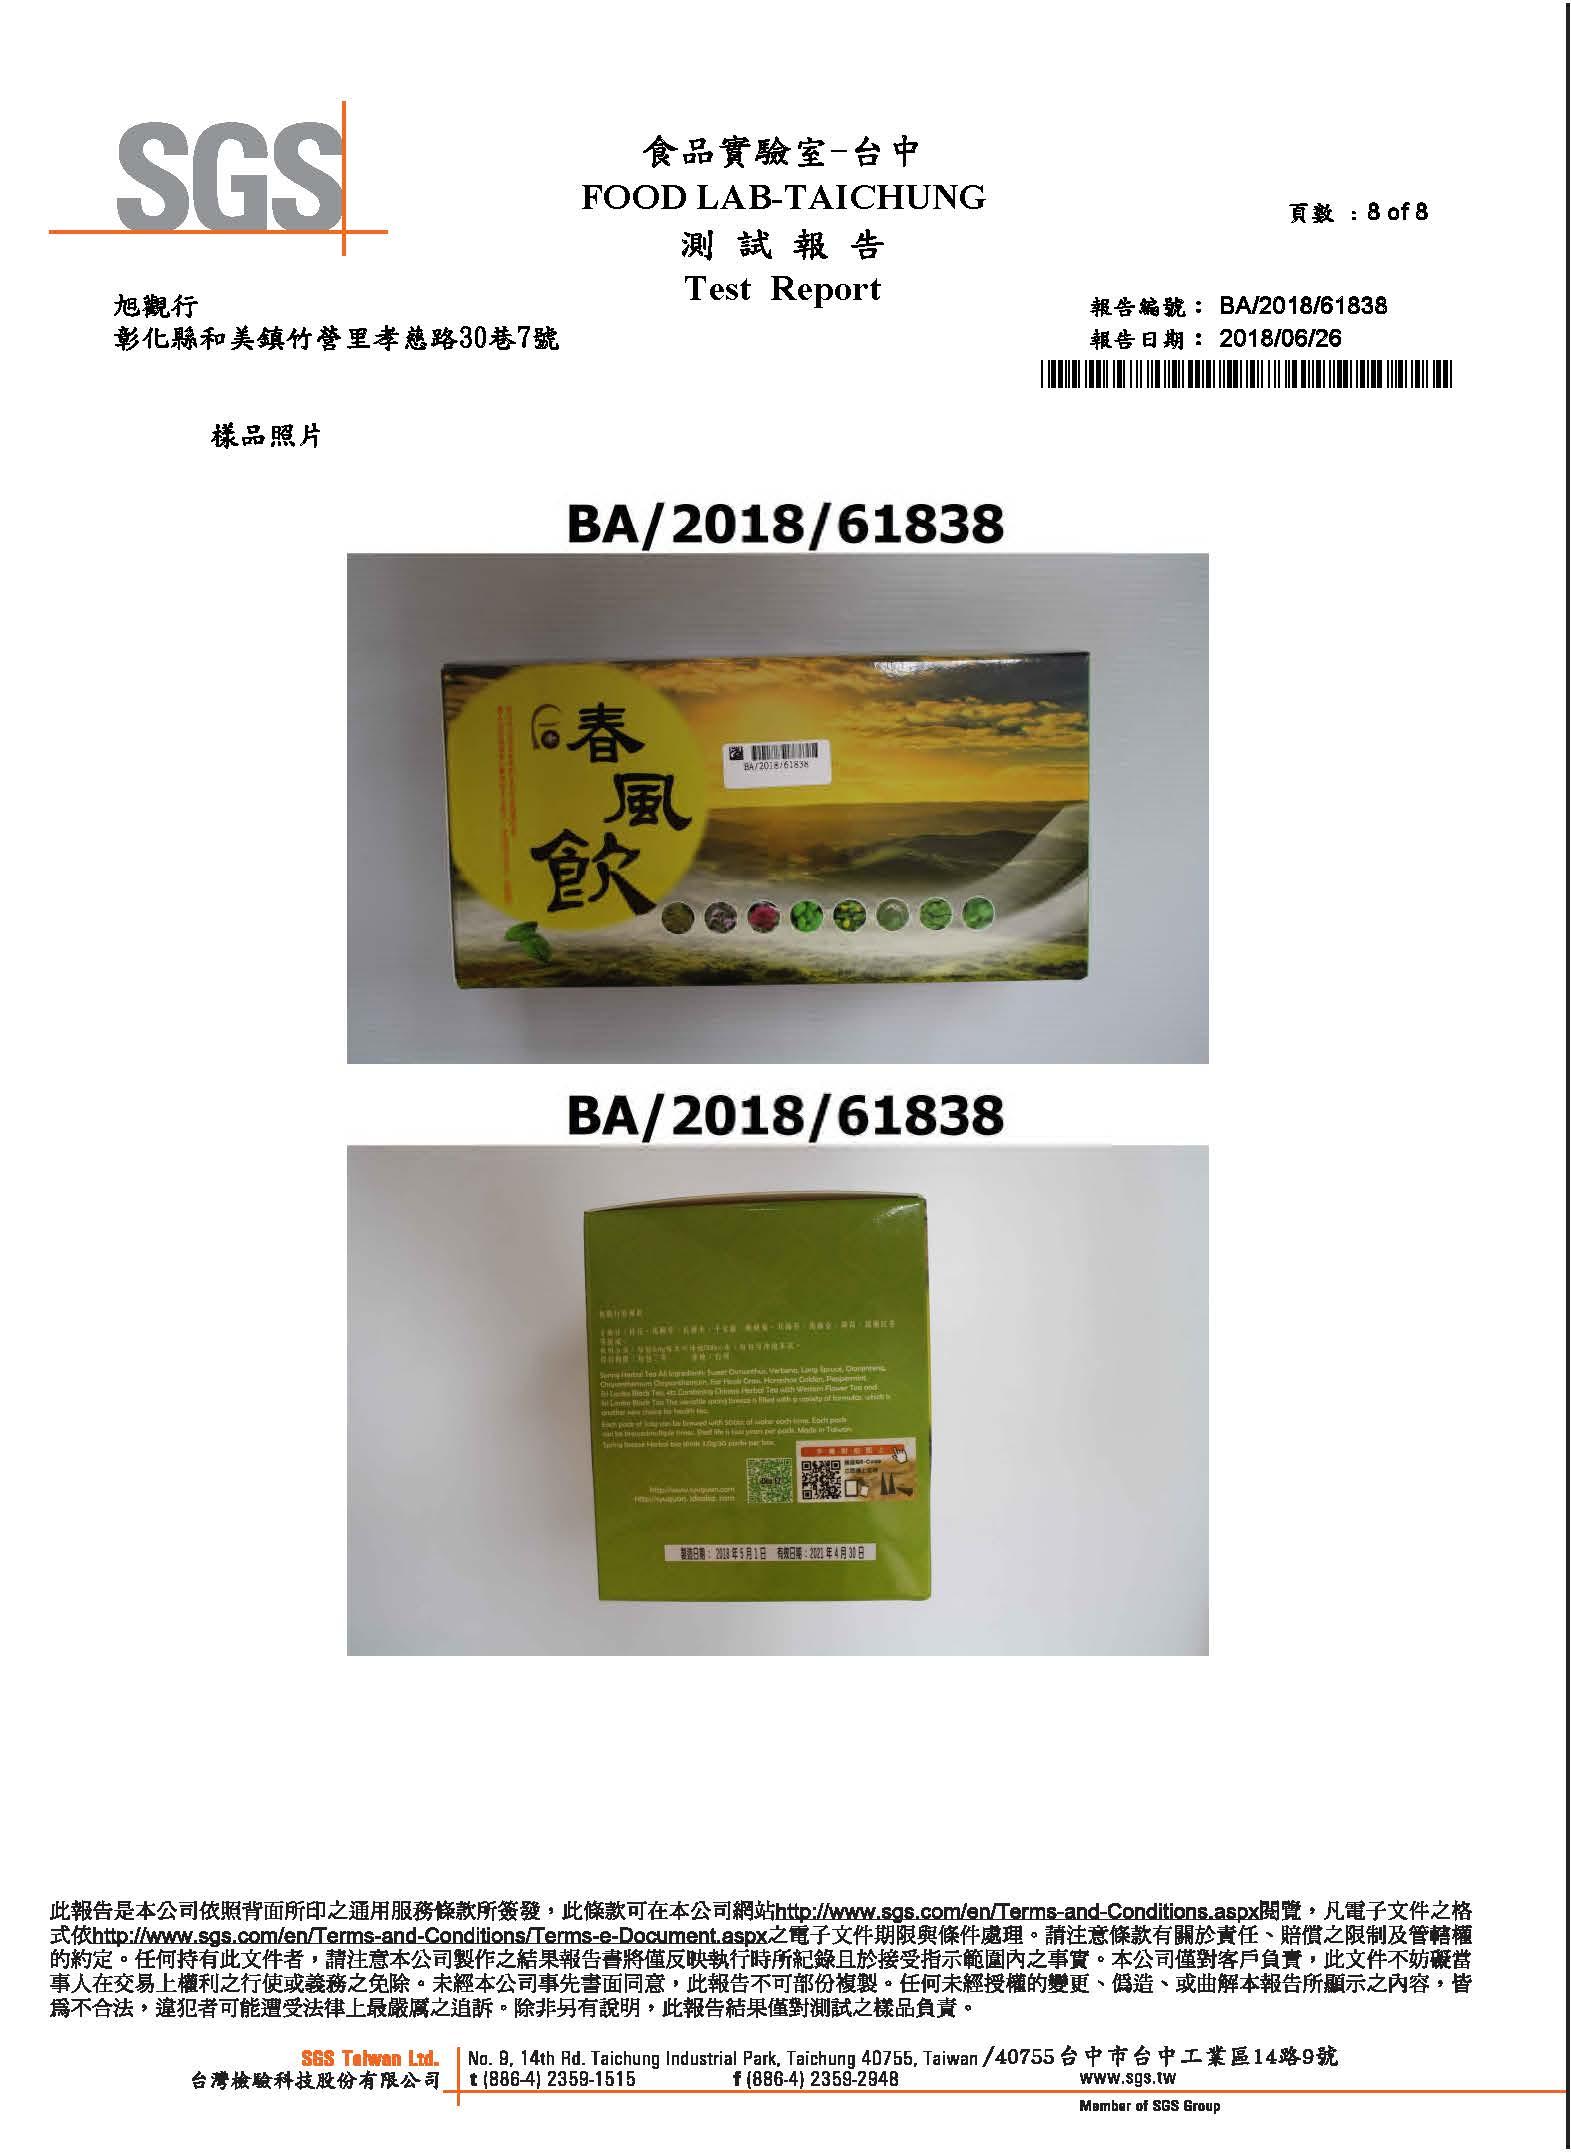 BA_2018_61838_頁面_8.jpg